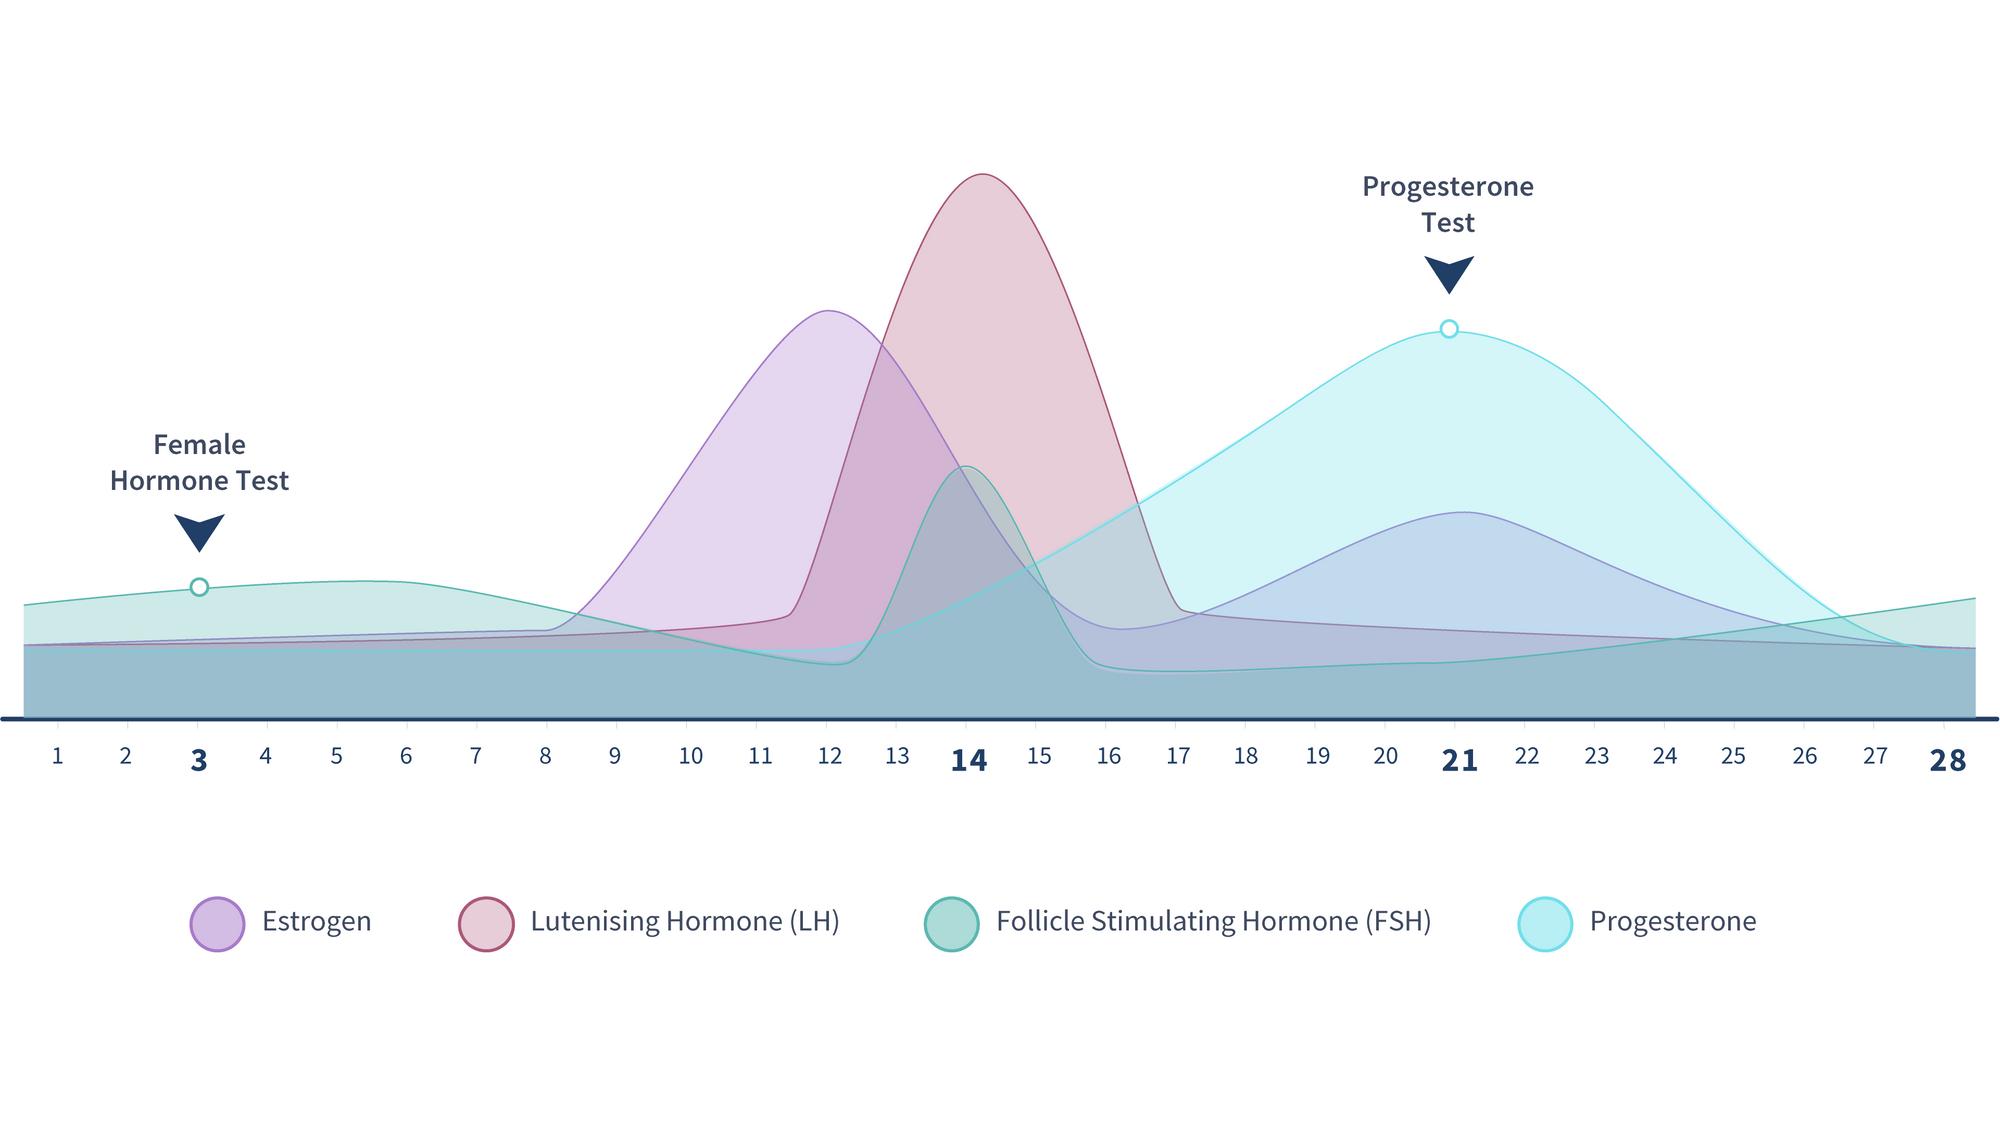 estrogen-when-should-you-take-a-fertility-test-graph-2